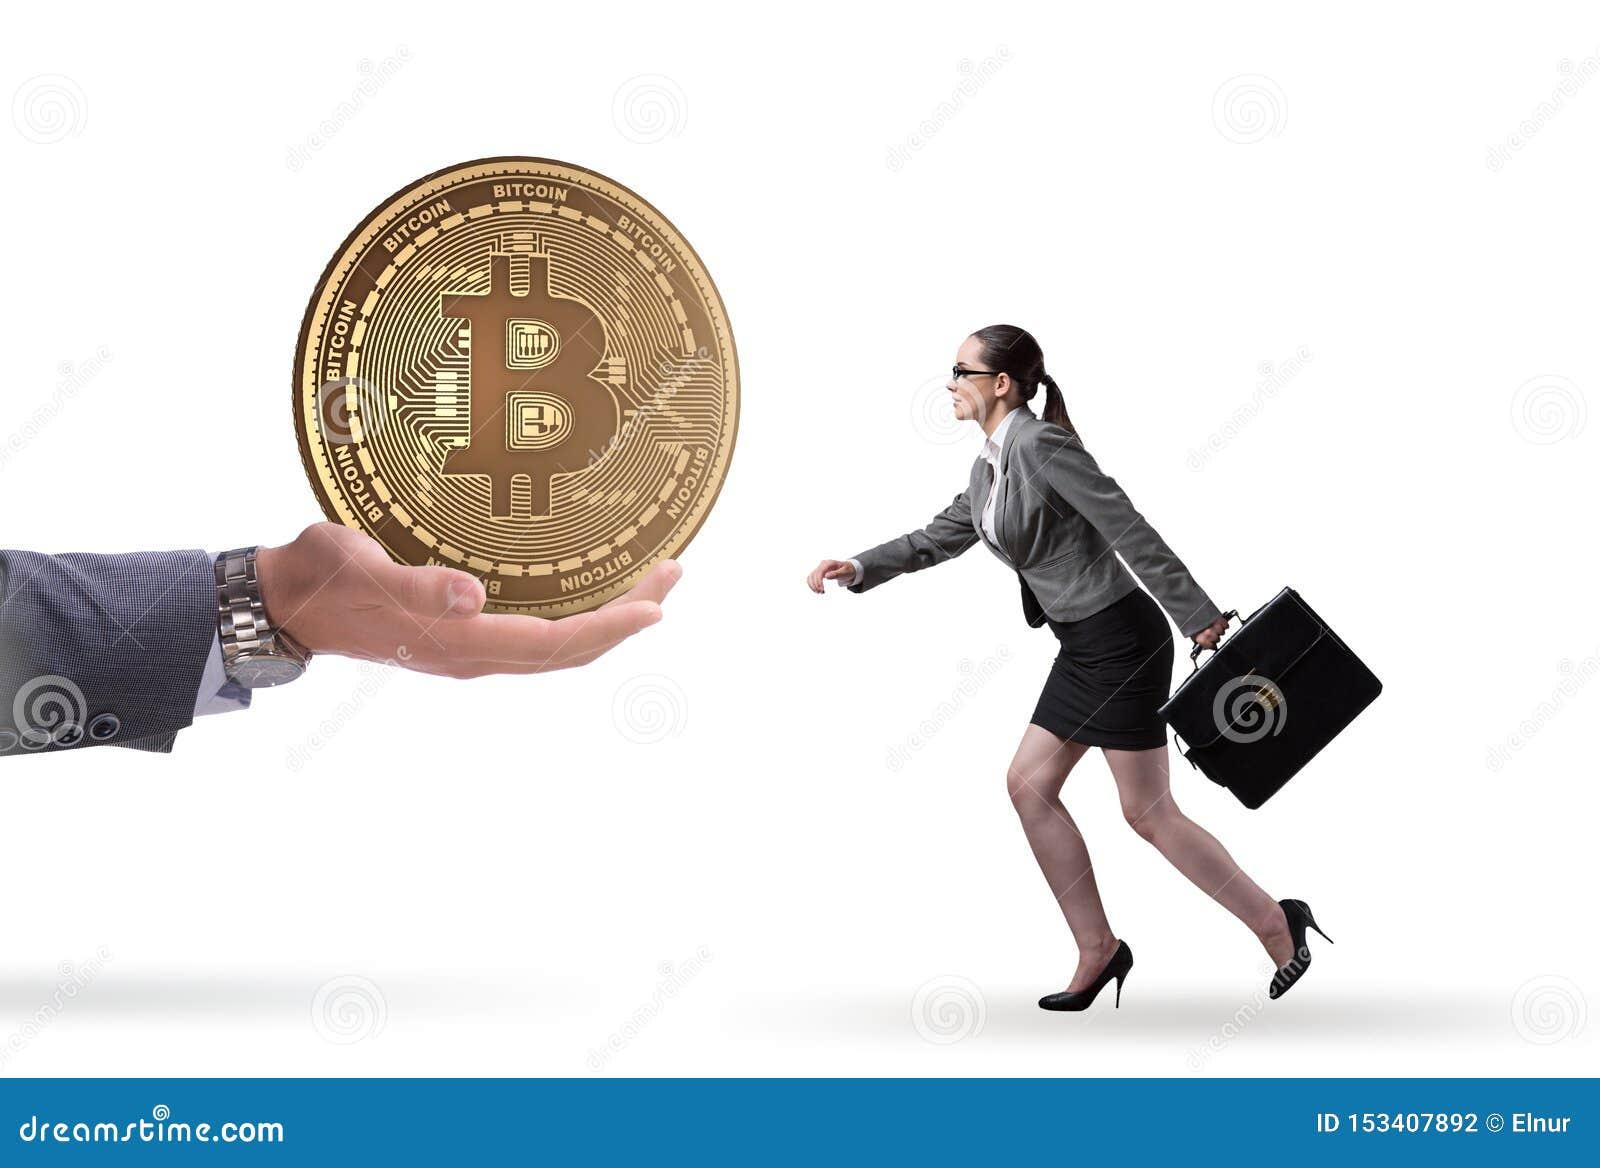 Onderneemster in bitcoinprijsverhoging concept